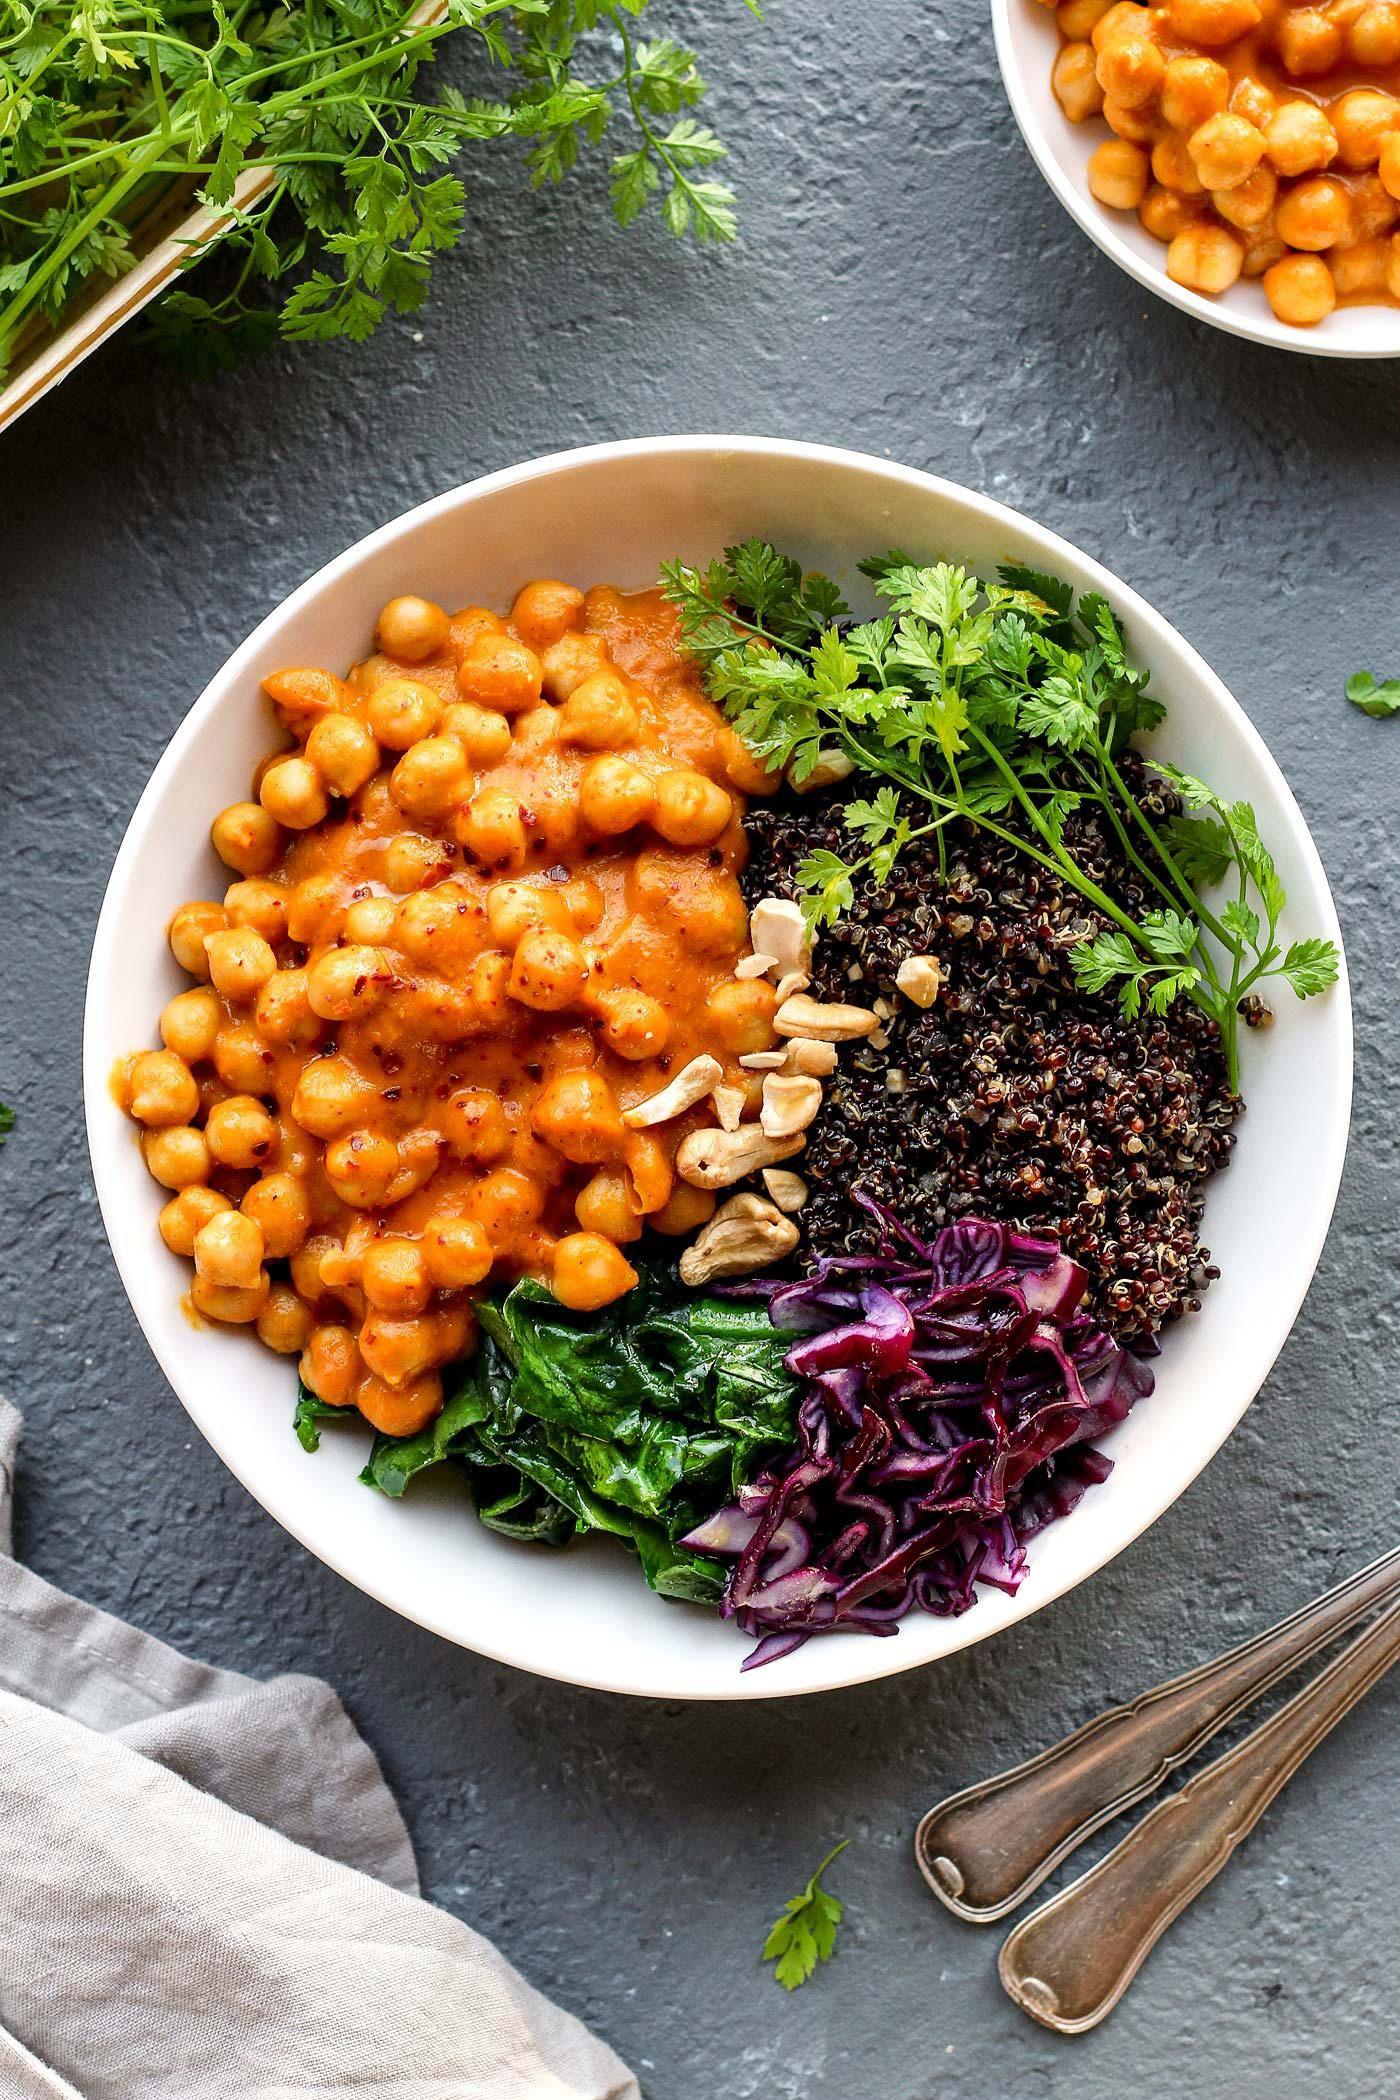 Health dinner bowls